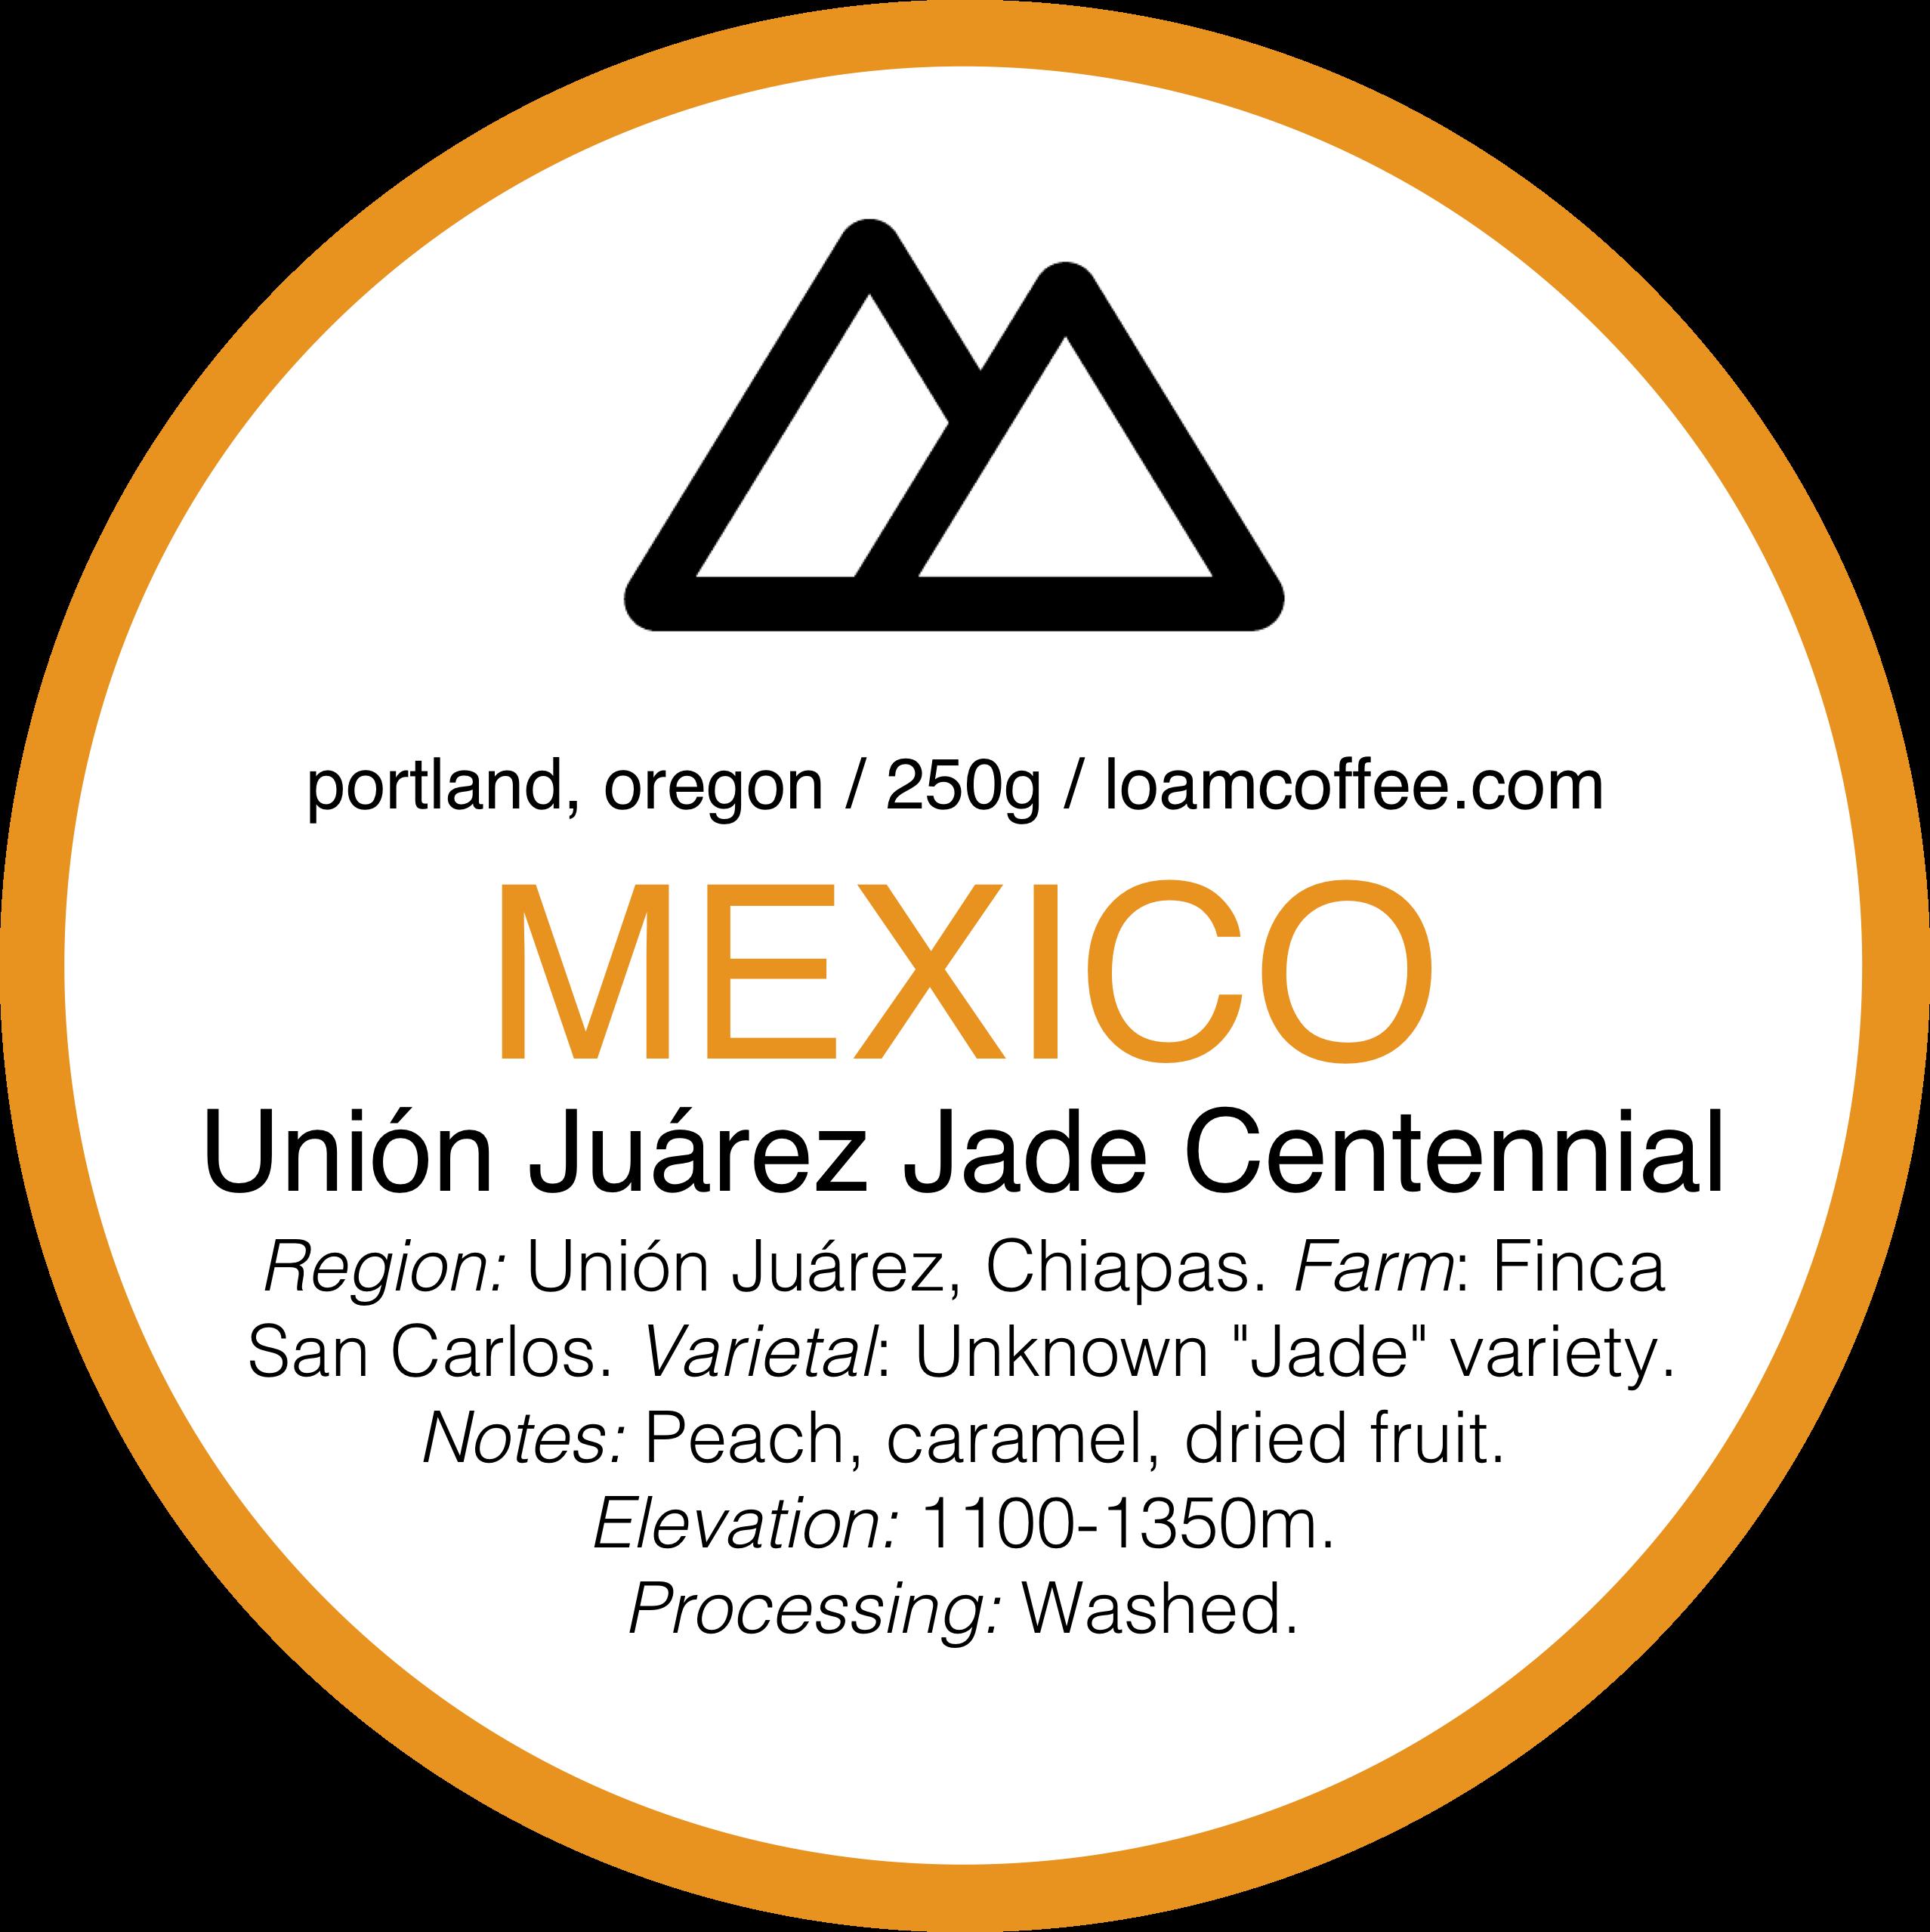 Mexico Unión Juárez Jade Centennial